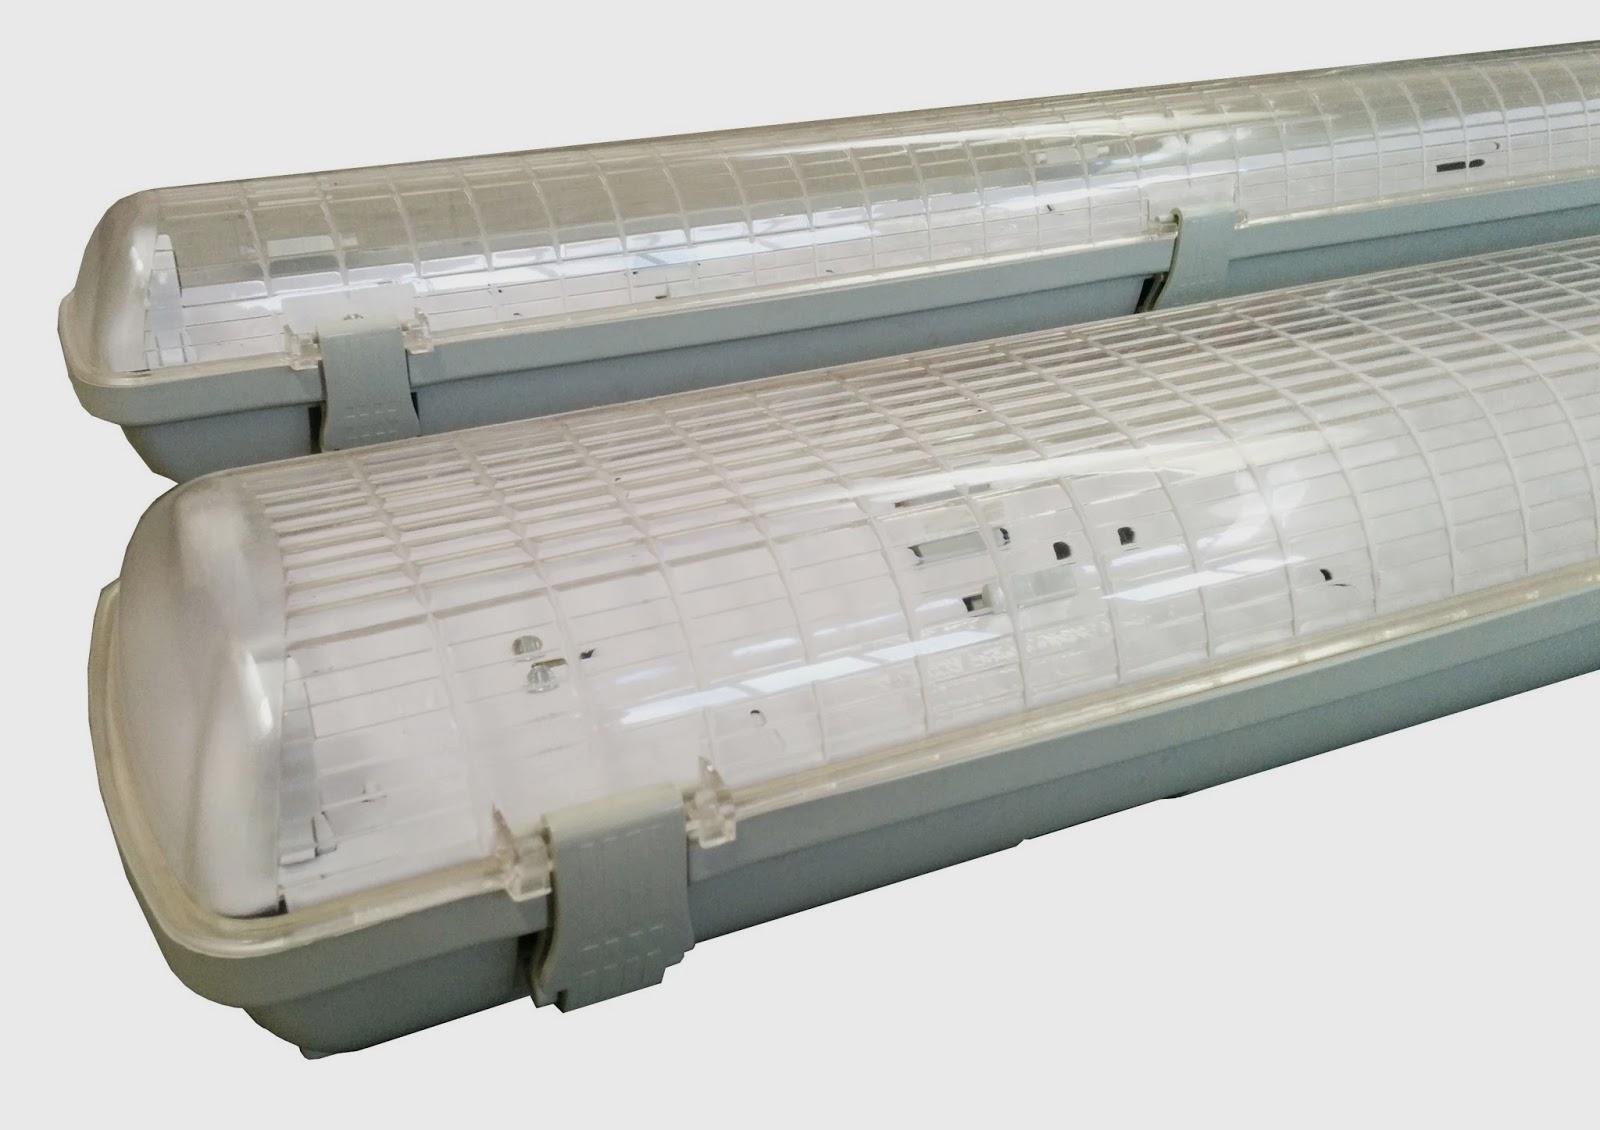 Illuminazione led plafoniere stagne tubolari per tubi led t8 for Plafoniere a led